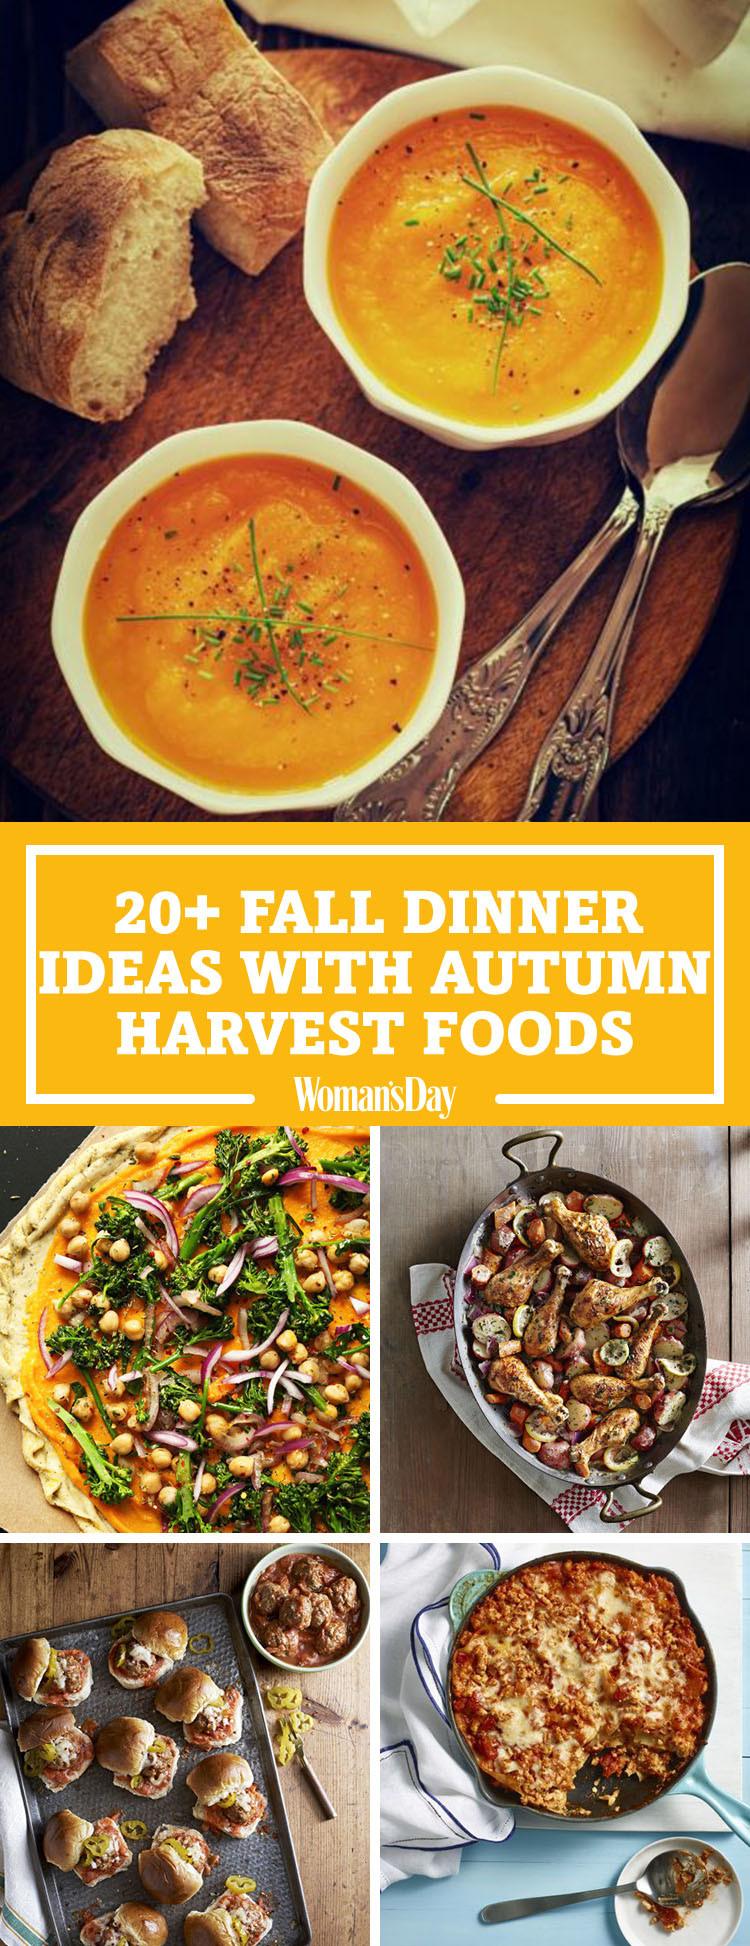 Fall Recipes For Dinner  26 Easy Fall Dinner Ideas Best Dinner Recipes for Autumn